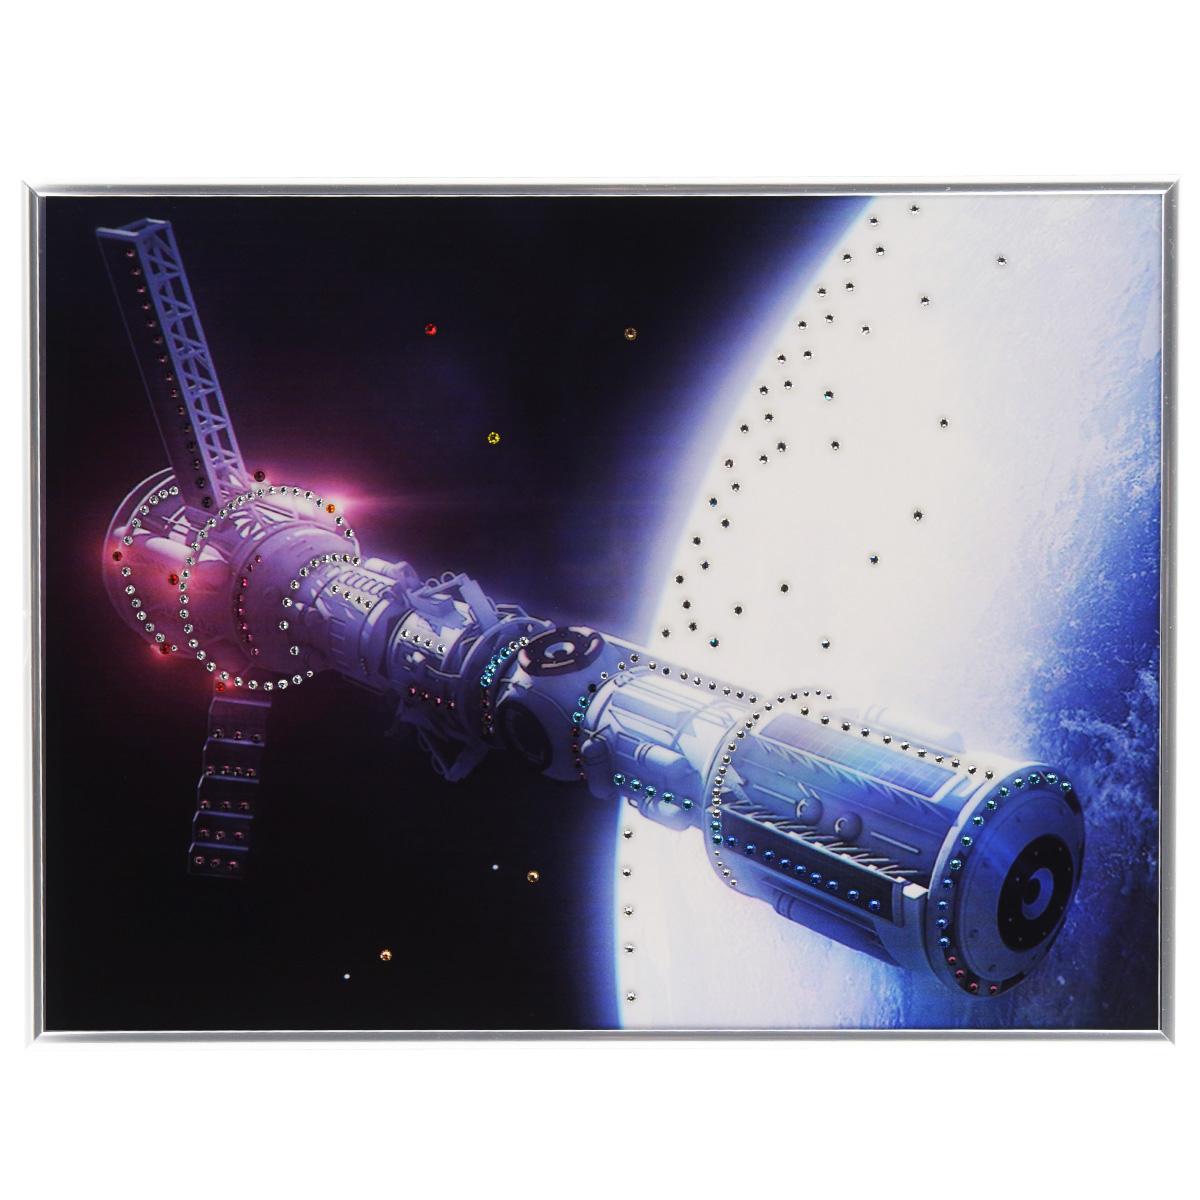 Картина с кристаллами Swarovski В космосе, 40 см х 30 см1338Изящная картина в металлической раме, инкрустирована кристаллами Swarovski, которые отличаются четкой и ровной огранкой, ярким блеском и чистотой цвета. Красочное изображение космического корабля, расположенное под стеклом, прекрасно дополняет блеск кристаллов. С обратной стороны имеется металлическая петелька для размещения картины на стене. Картина с кристаллами Swarovski В космосе элегантно украсит интерьер дома или офиса, а также станет прекрасным подарком, который обязательно понравится получателю. Блеск кристаллов в интерьере, что может быть сказочнее и удивительнее. Картина упакована в подарочную картонную коробку синего цвета и комплектуется сертификатом соответствия Swarovski.